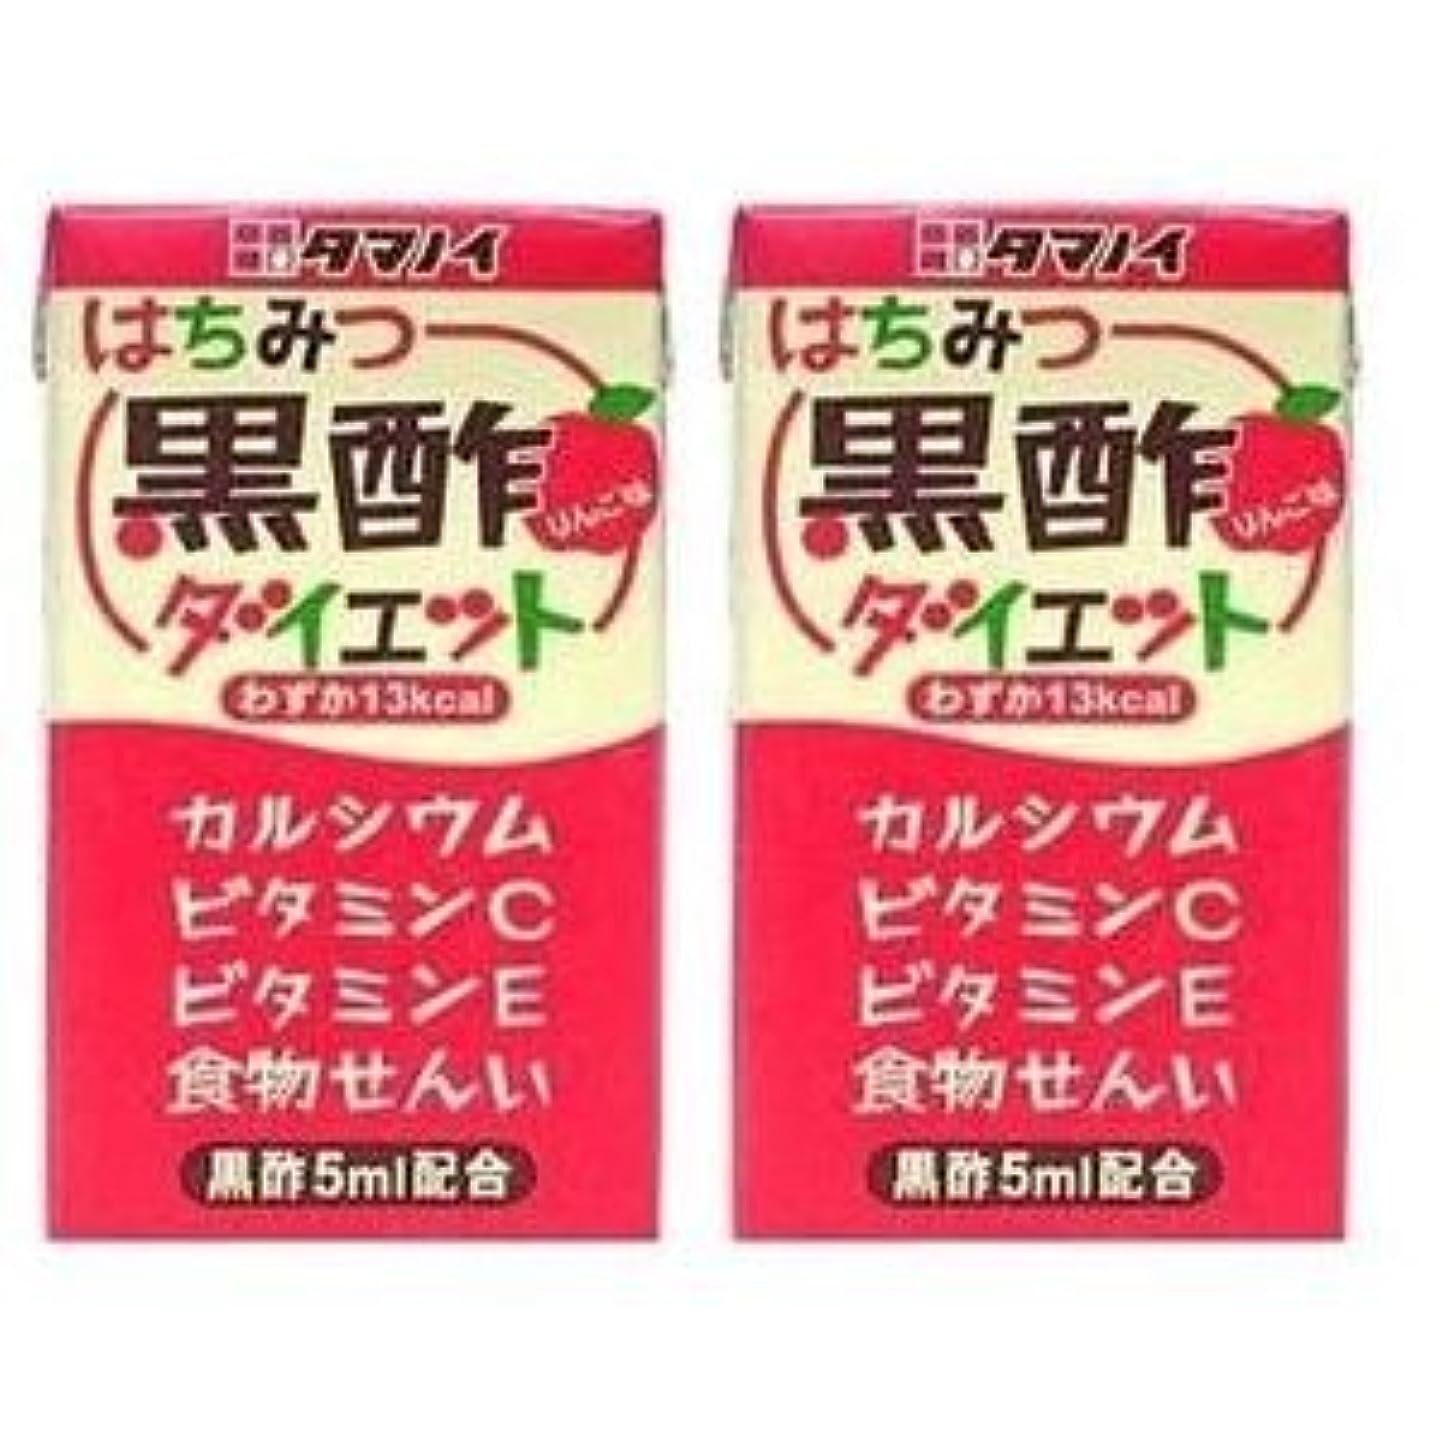 狂人方向メールはちみつ黒酢ダイエットLL125ML0 タマノ井酢(株)